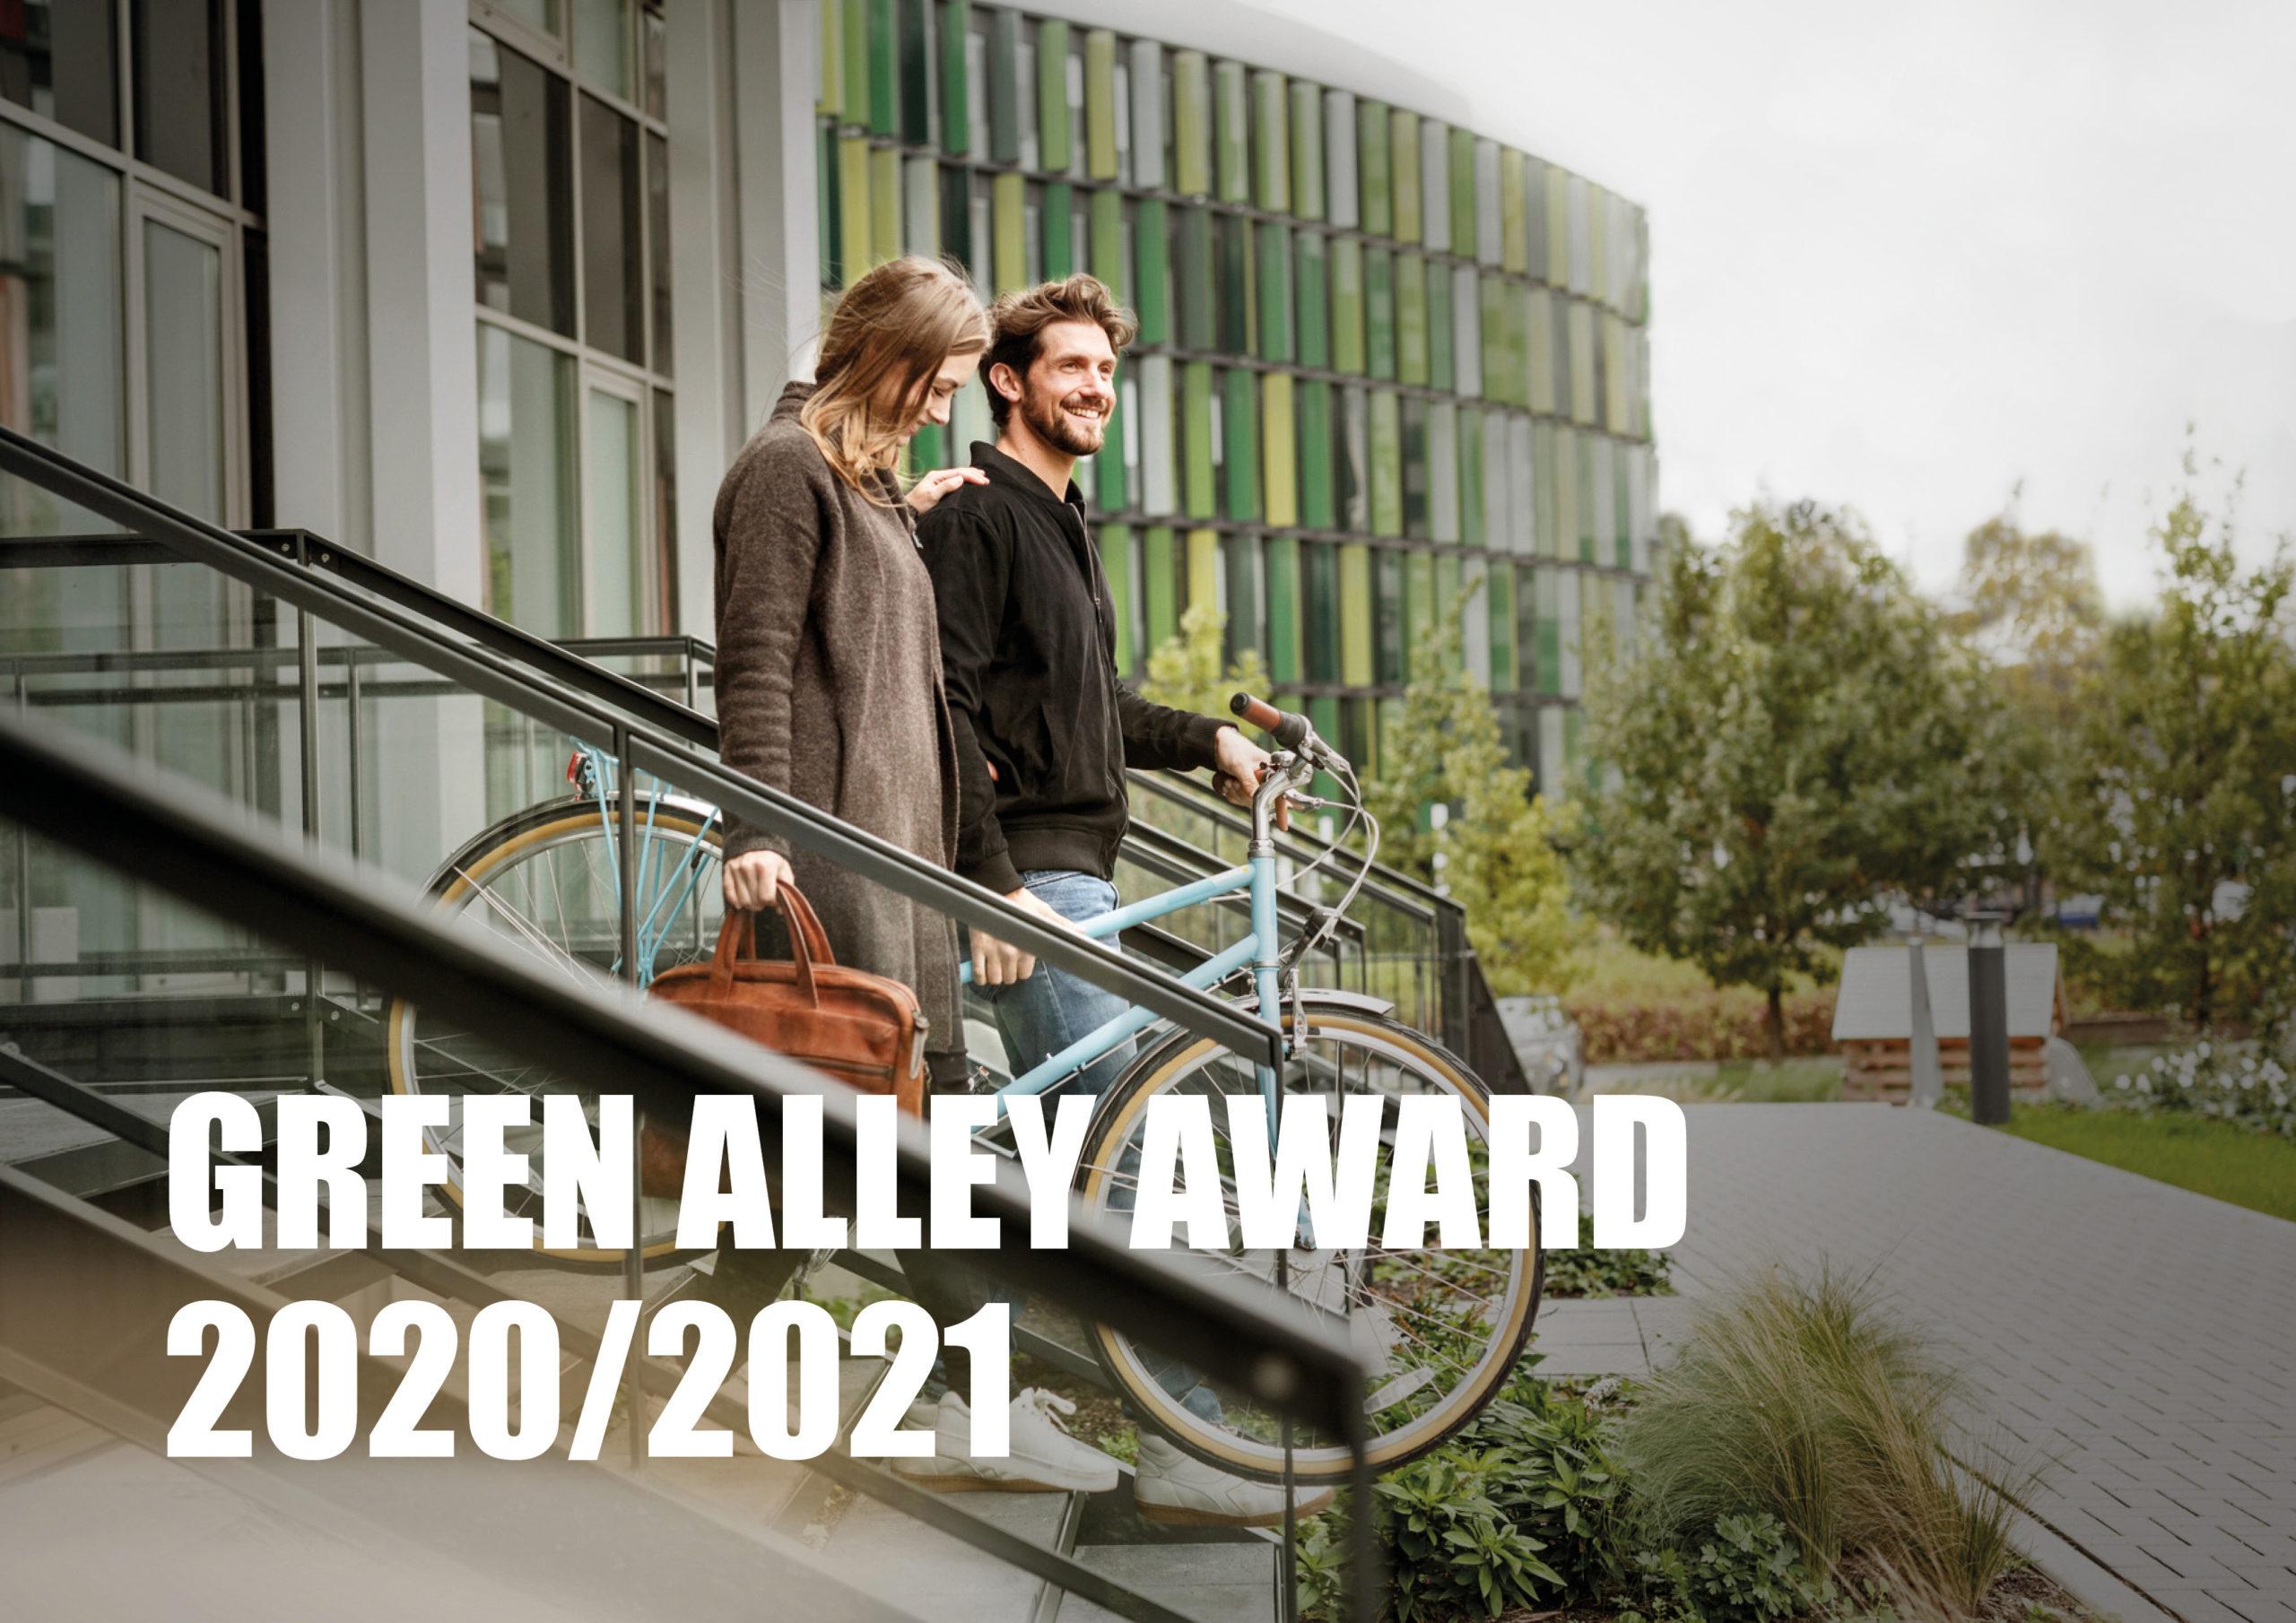 Seis proyectos innovadores sobre economía circular compiten por el Green Alley Award 2021